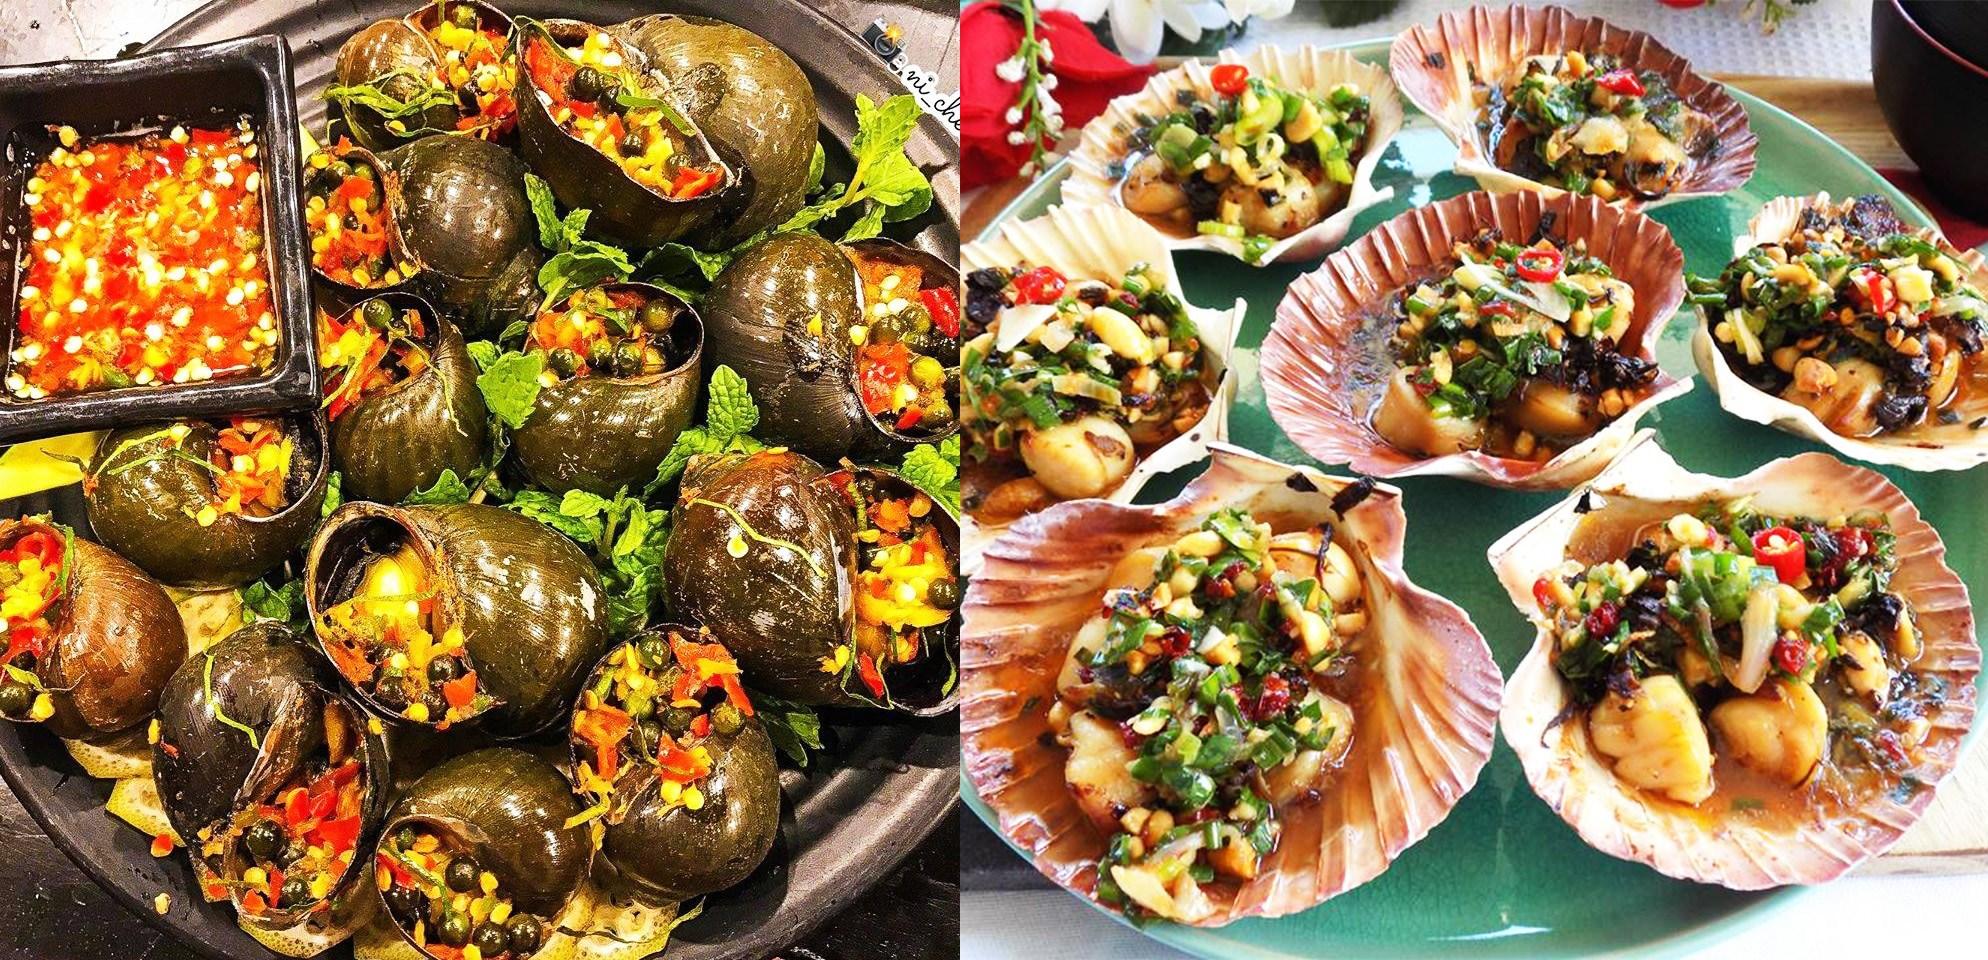 Công thức 15 món ốc, sò dễ làm tại nhà, ngon đậm đà hương vị